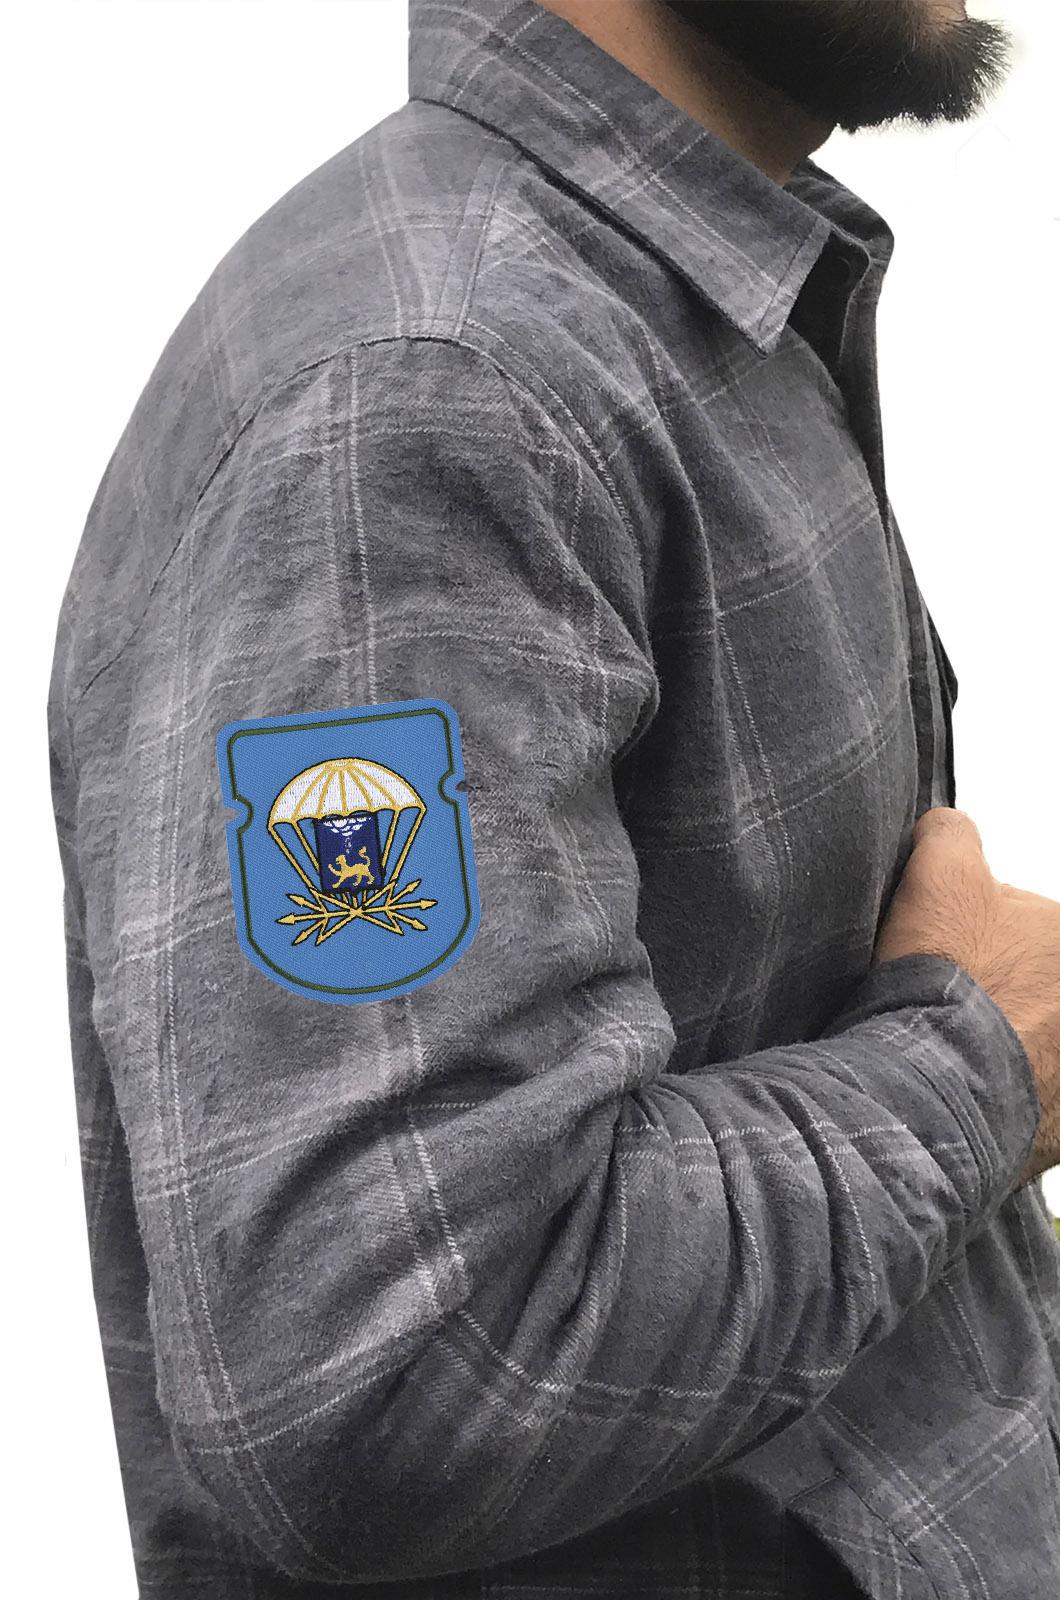 Мужская рубашка с вышитым шевроном 728 отдельный батальон связи 76 ДШД - купить выгодно